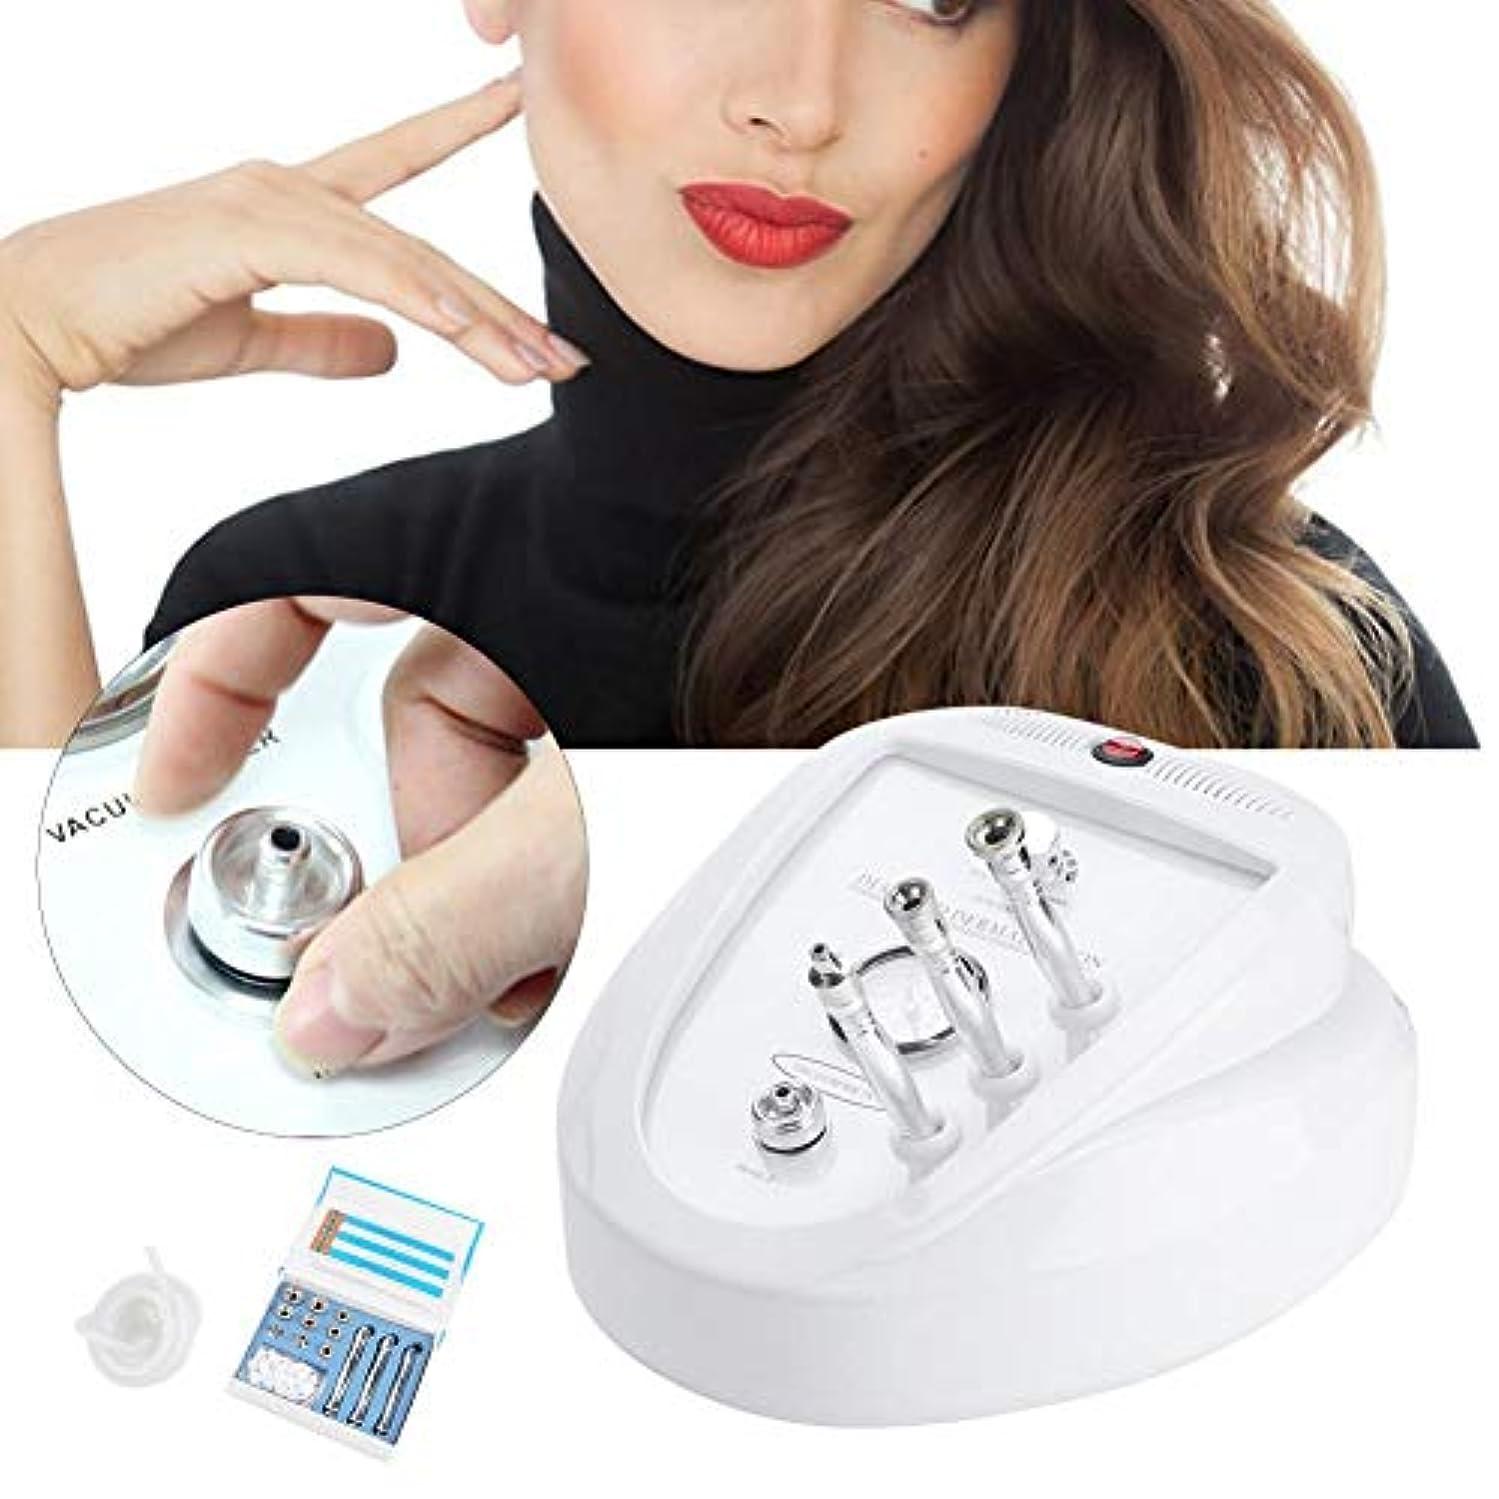 スクラッチ目的電気3 in 1ダイヤモンド皮膚剥離機、肌の若返り装置、フェイスリフティングマイクロマッサージエクスフォリエーター用プロのサロン&家庭用ディープクレンジングホワイトニングスキンピーリングシワ削除